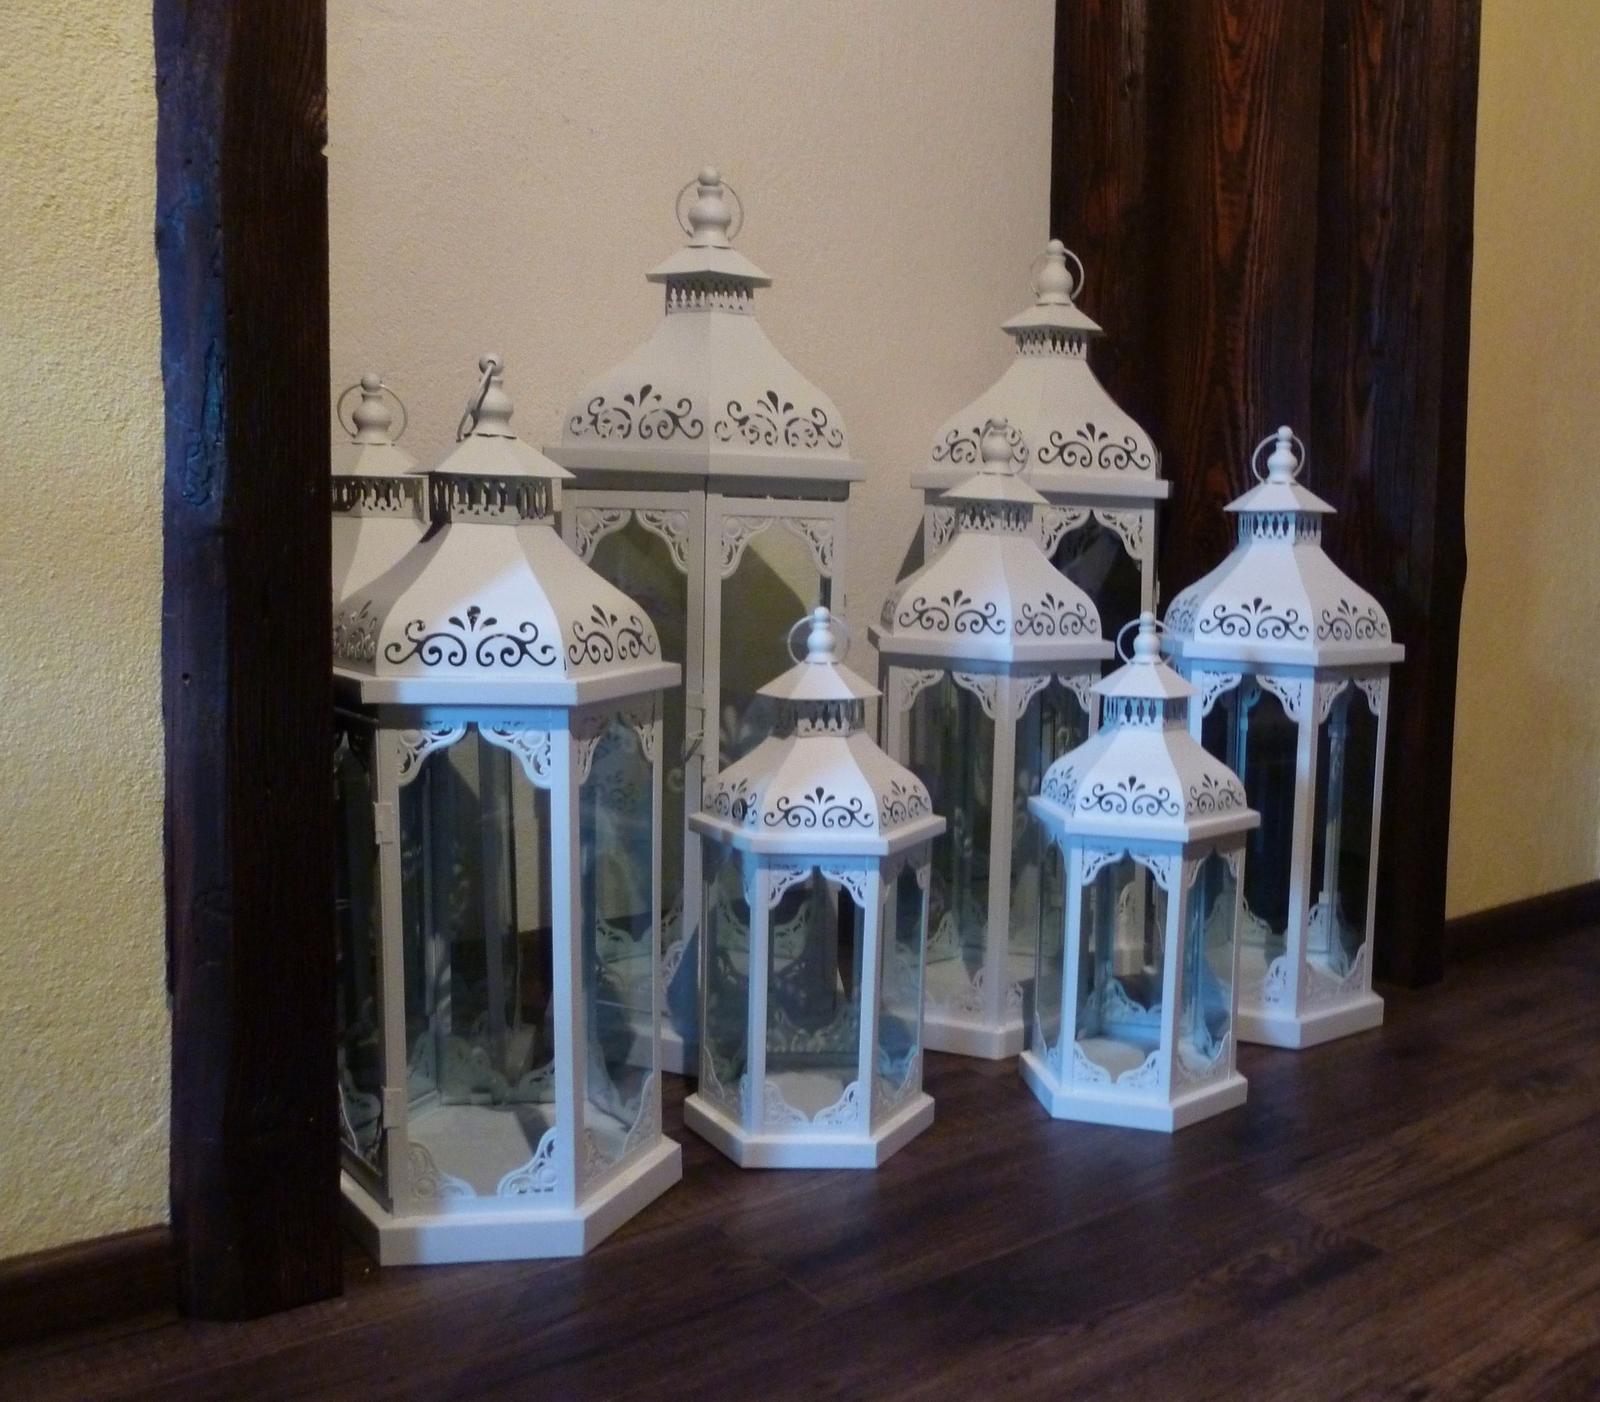 Biele svadobné lampáše na prenájom - Obrázok č. 1